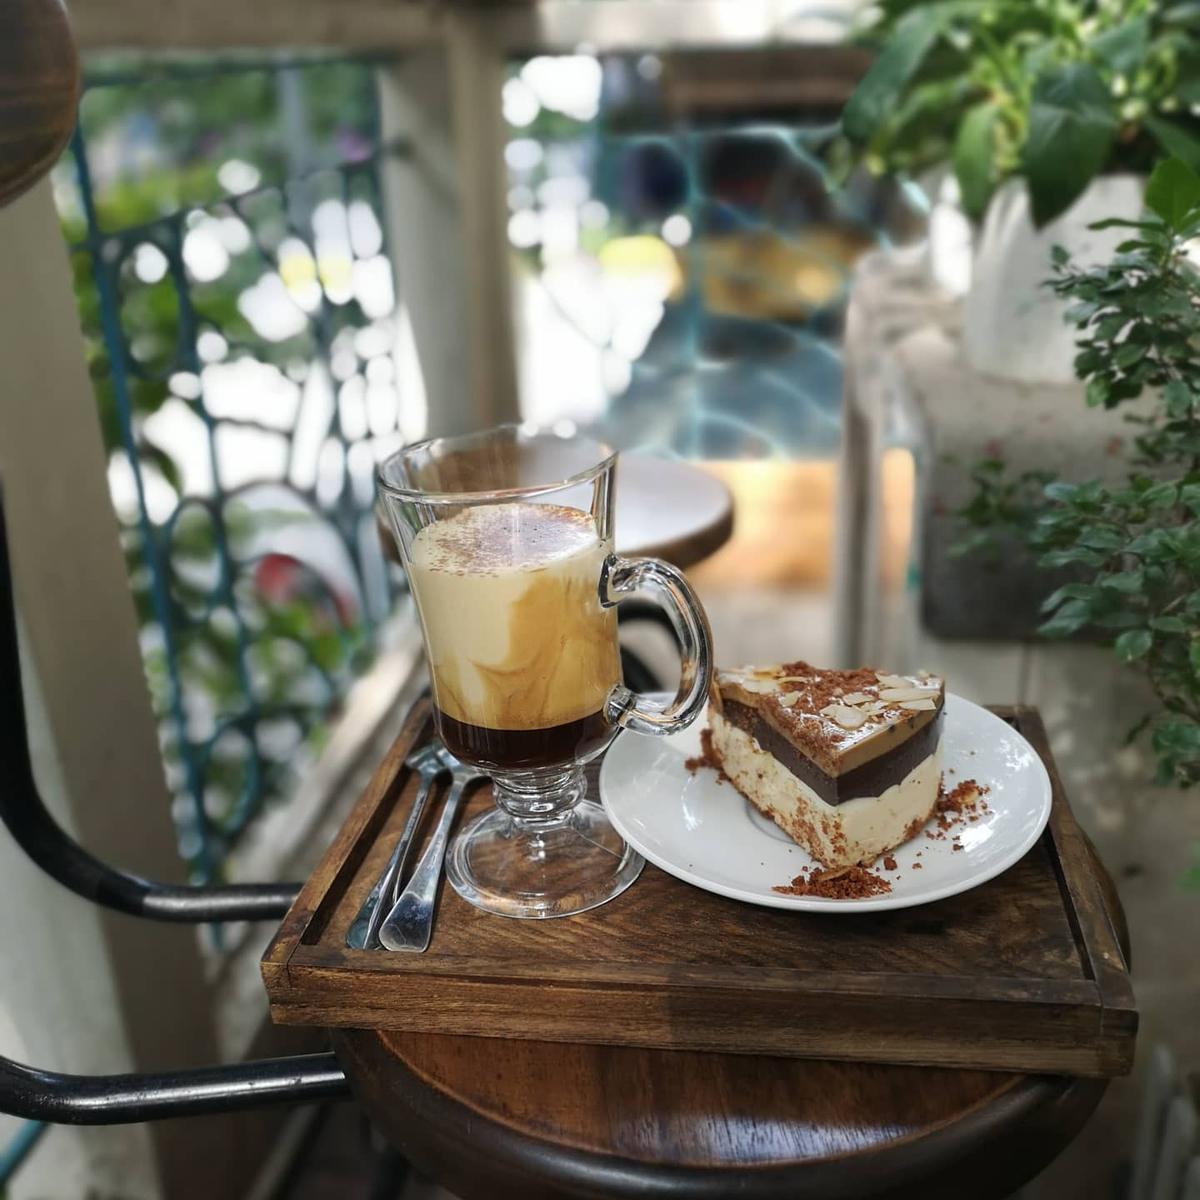 V60+Lối vào quán là cầu thang dốc nhỏ hẹp dẫn lên tầng 2 một căn biệt thự ở 81 Nguyễn Thái Học. Quán có 2 tầng rộng rãi, phong cách cổ điển nhờ cách trang trí gỗ, gạch bông, tường gạch trắng. Ngoài cà phê, V60+ còn là địa chỉ cho những người yêu nhiếp ảnh. Thực đơn cà phê thuần Việt với các loại pha kem trứng, kem sữa và trà hoa, bánh ngọt đi kèm. Mức giá trung bình từ 35.000 đến 50.000 đồng. Quán mở cửa đến 22h30. Ảnh: V60+ Coffee.